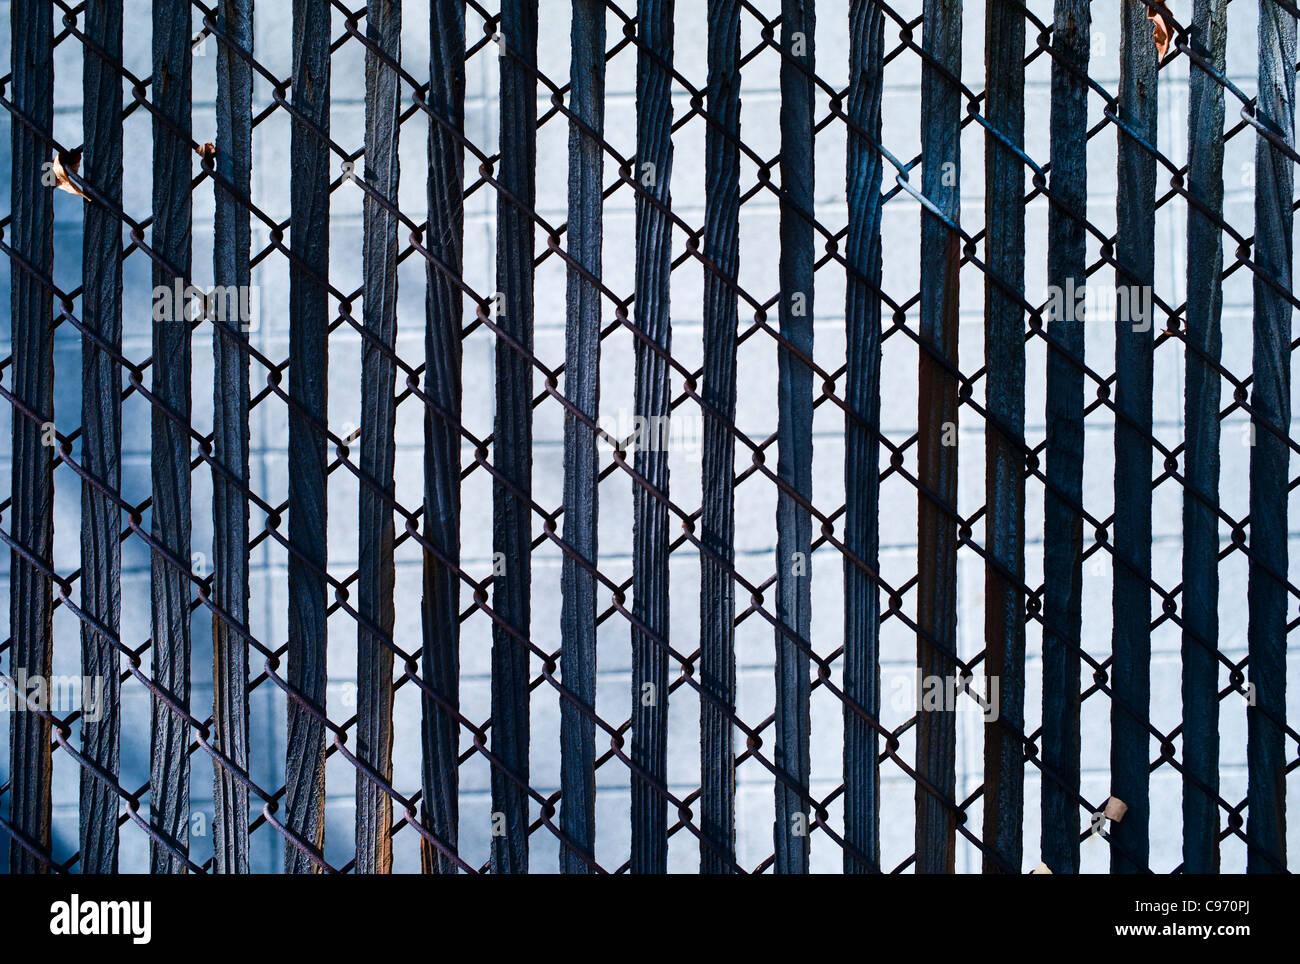 Zaun mit Holzlatten bei starker Sonneneinstrahlung Stockfoto Bild